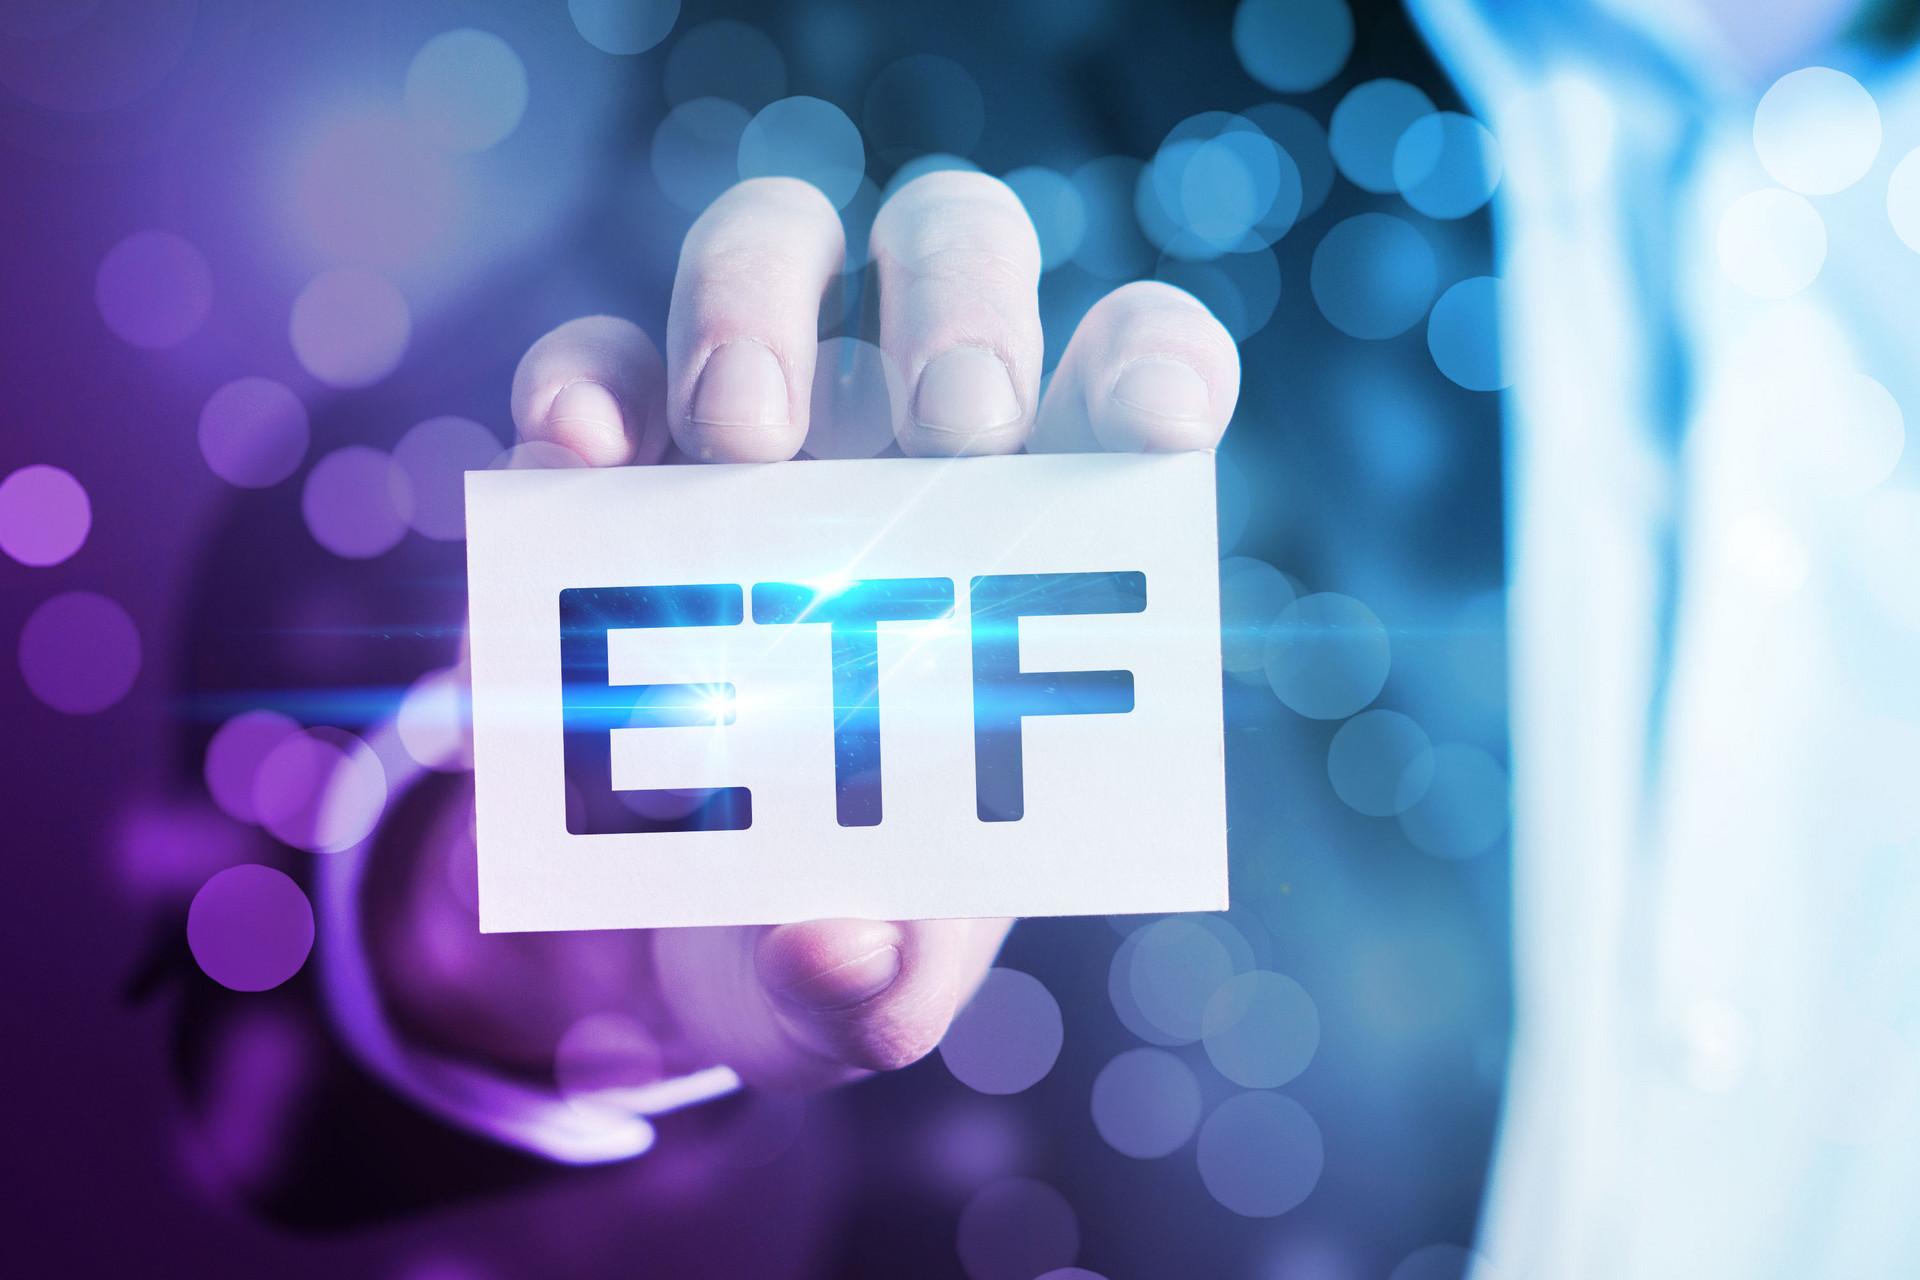 上交所:股东使用股票认购ETF不存在变相减持、违规减持情形